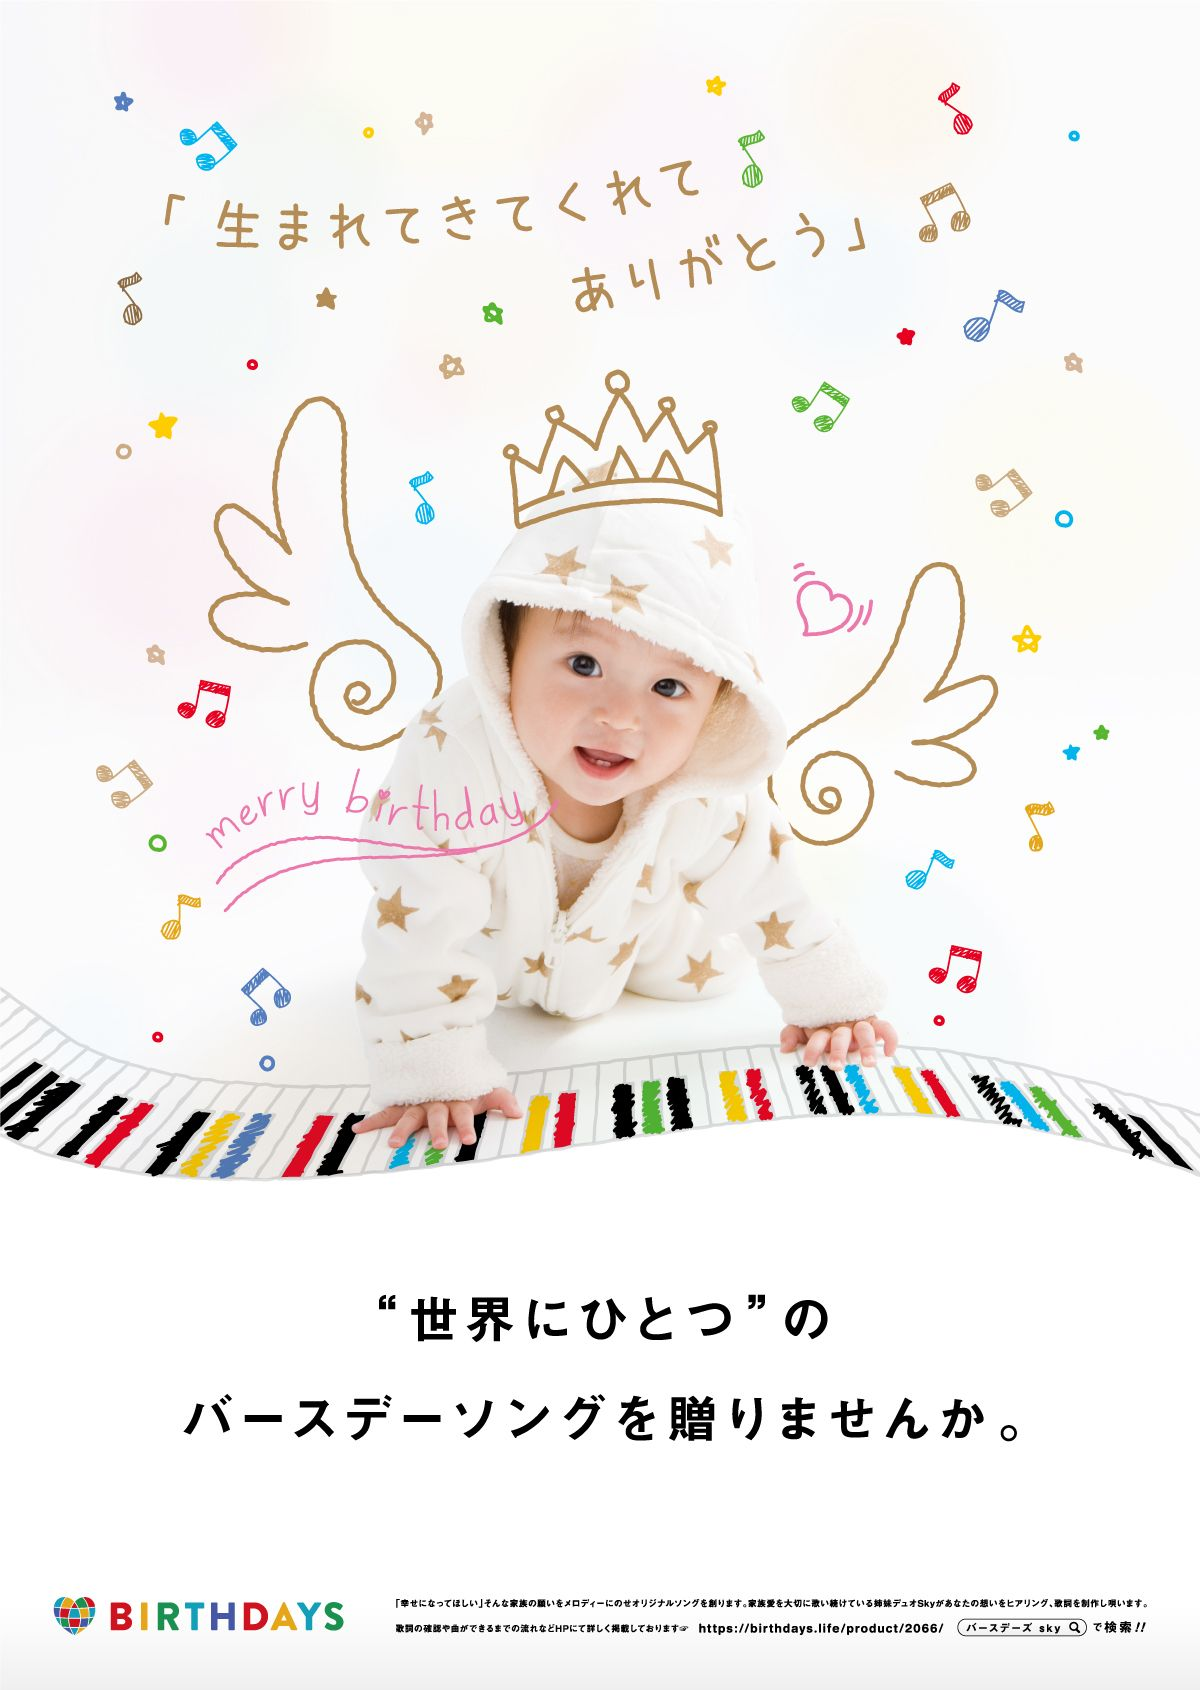 赤ちゃんのかわいいポスターデザイン。写真と手書きを組み合わせた